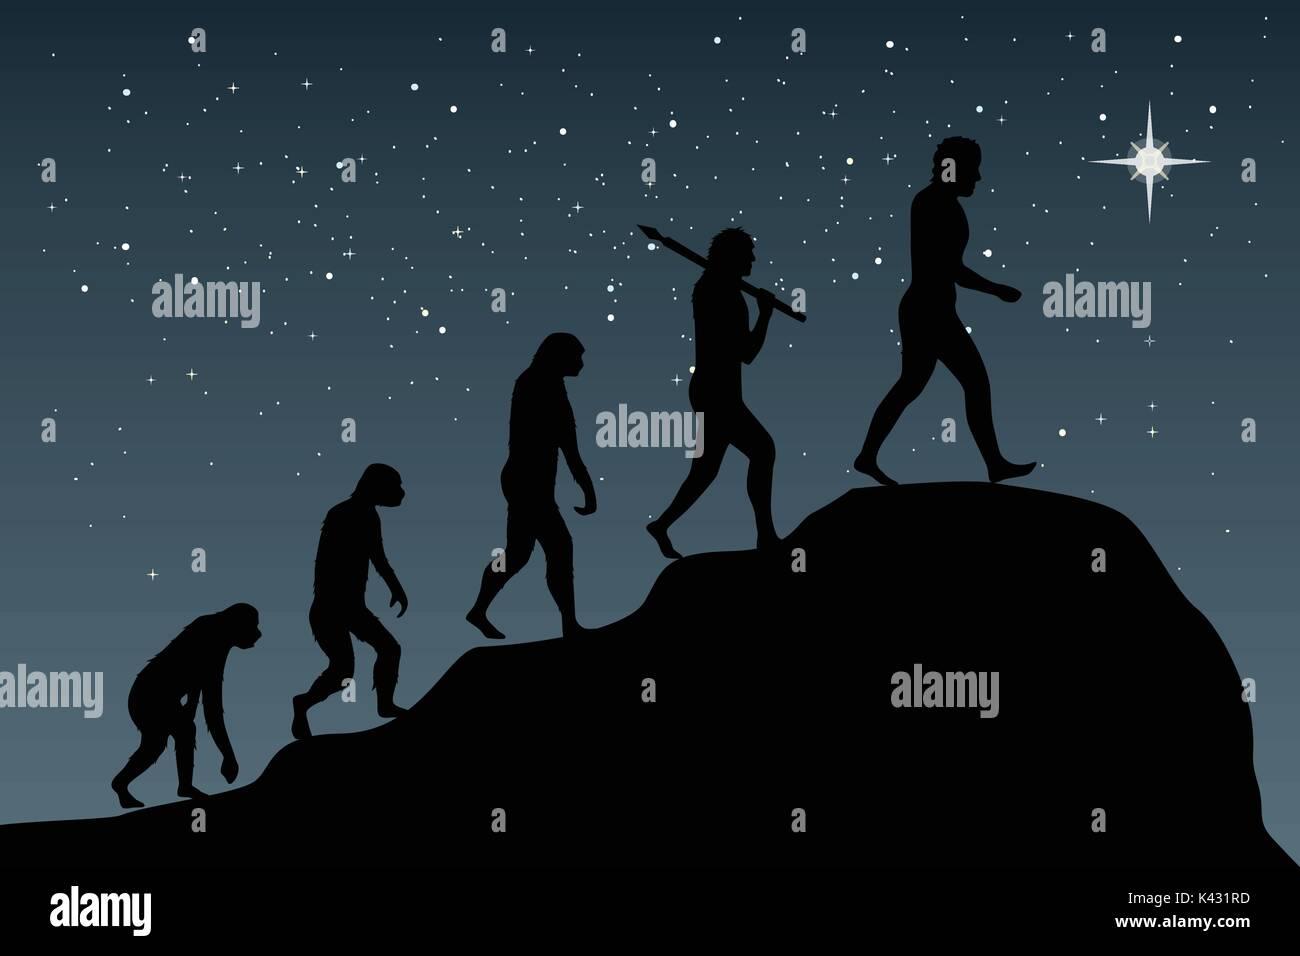 La evolución humana en el actual mundo digital. El riesgo empresarial concepto! Imagen De Stock